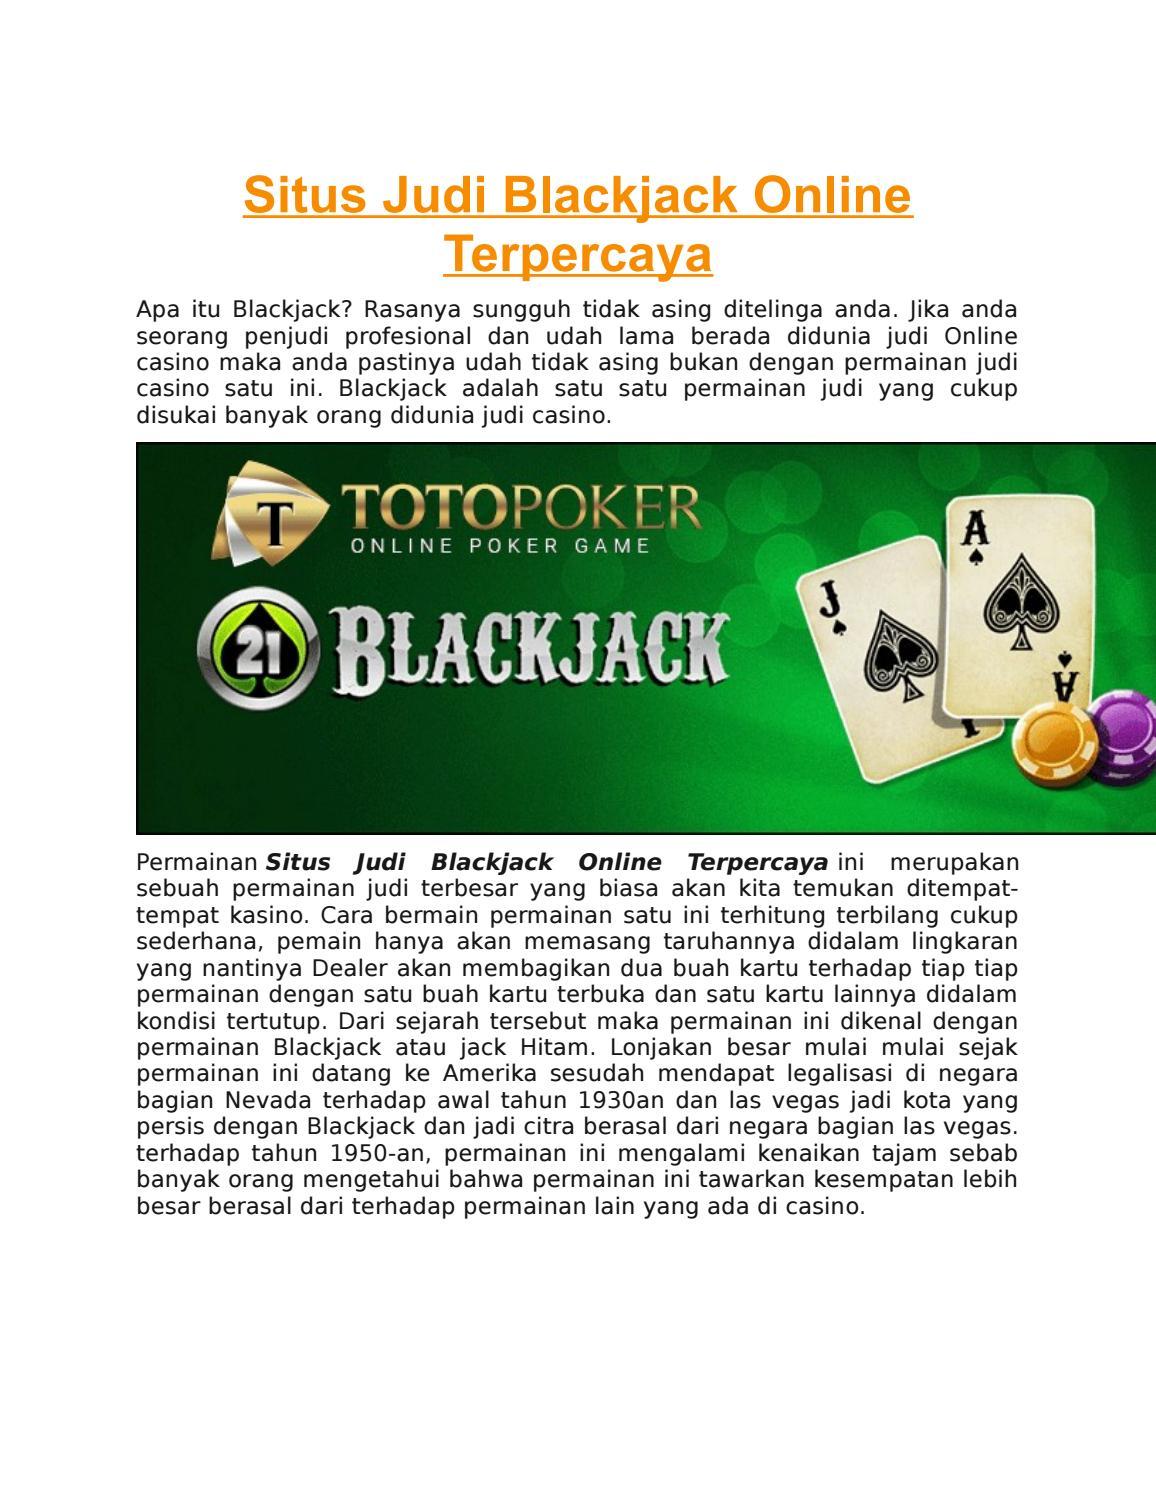 Situs Judi Blackjack Online Terpercaya By Toto Poker Issuu